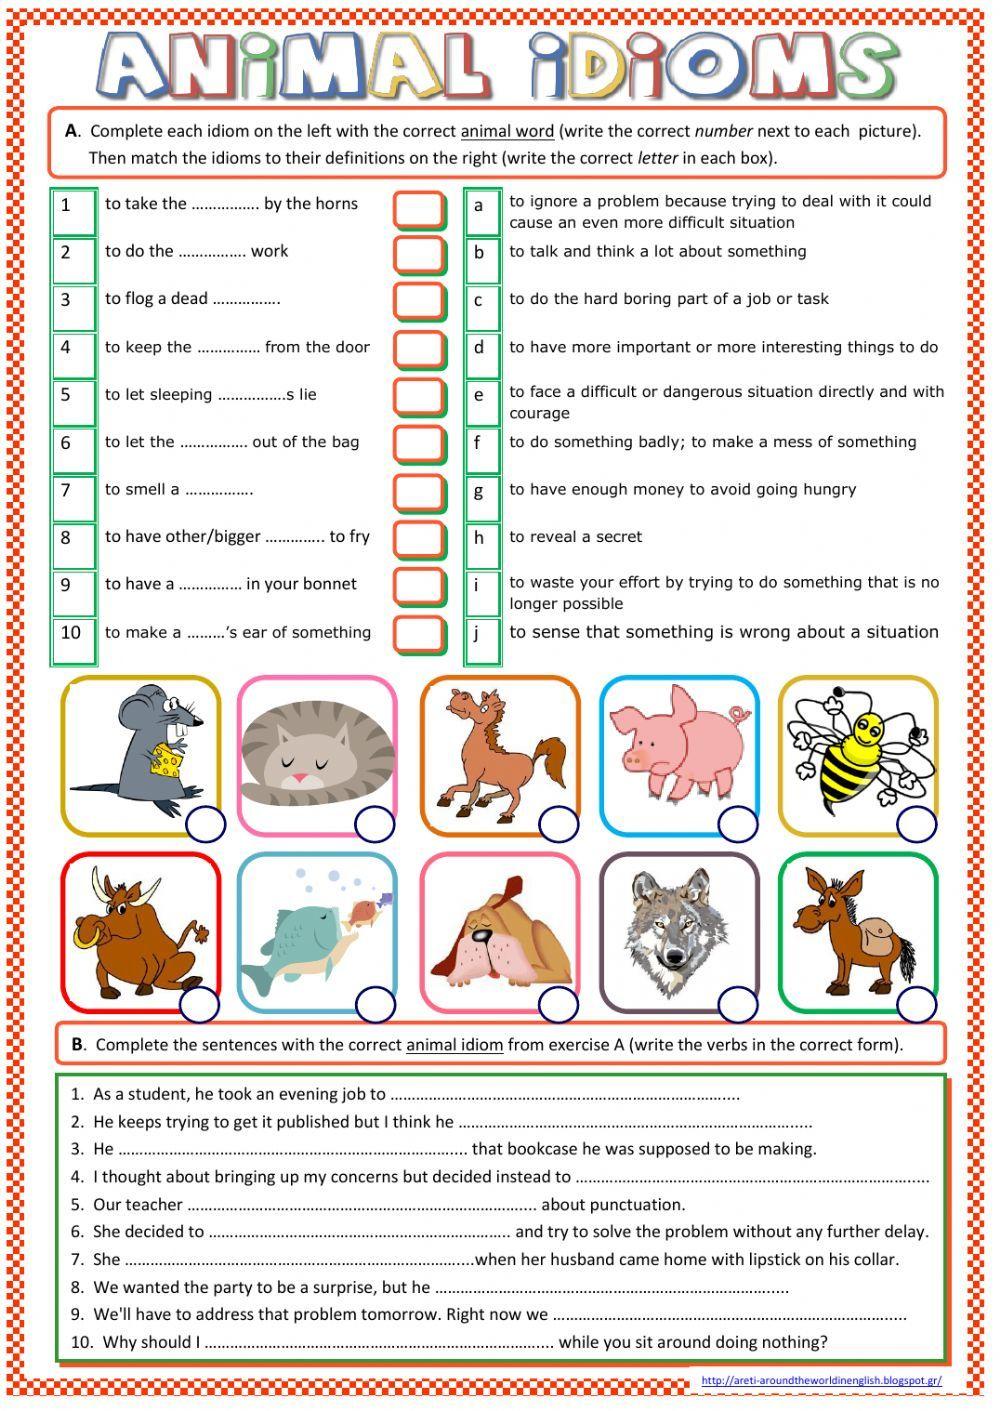 medium resolution of Animal Idioms - Interactive worksheet   Hojas de ejercicios para niños